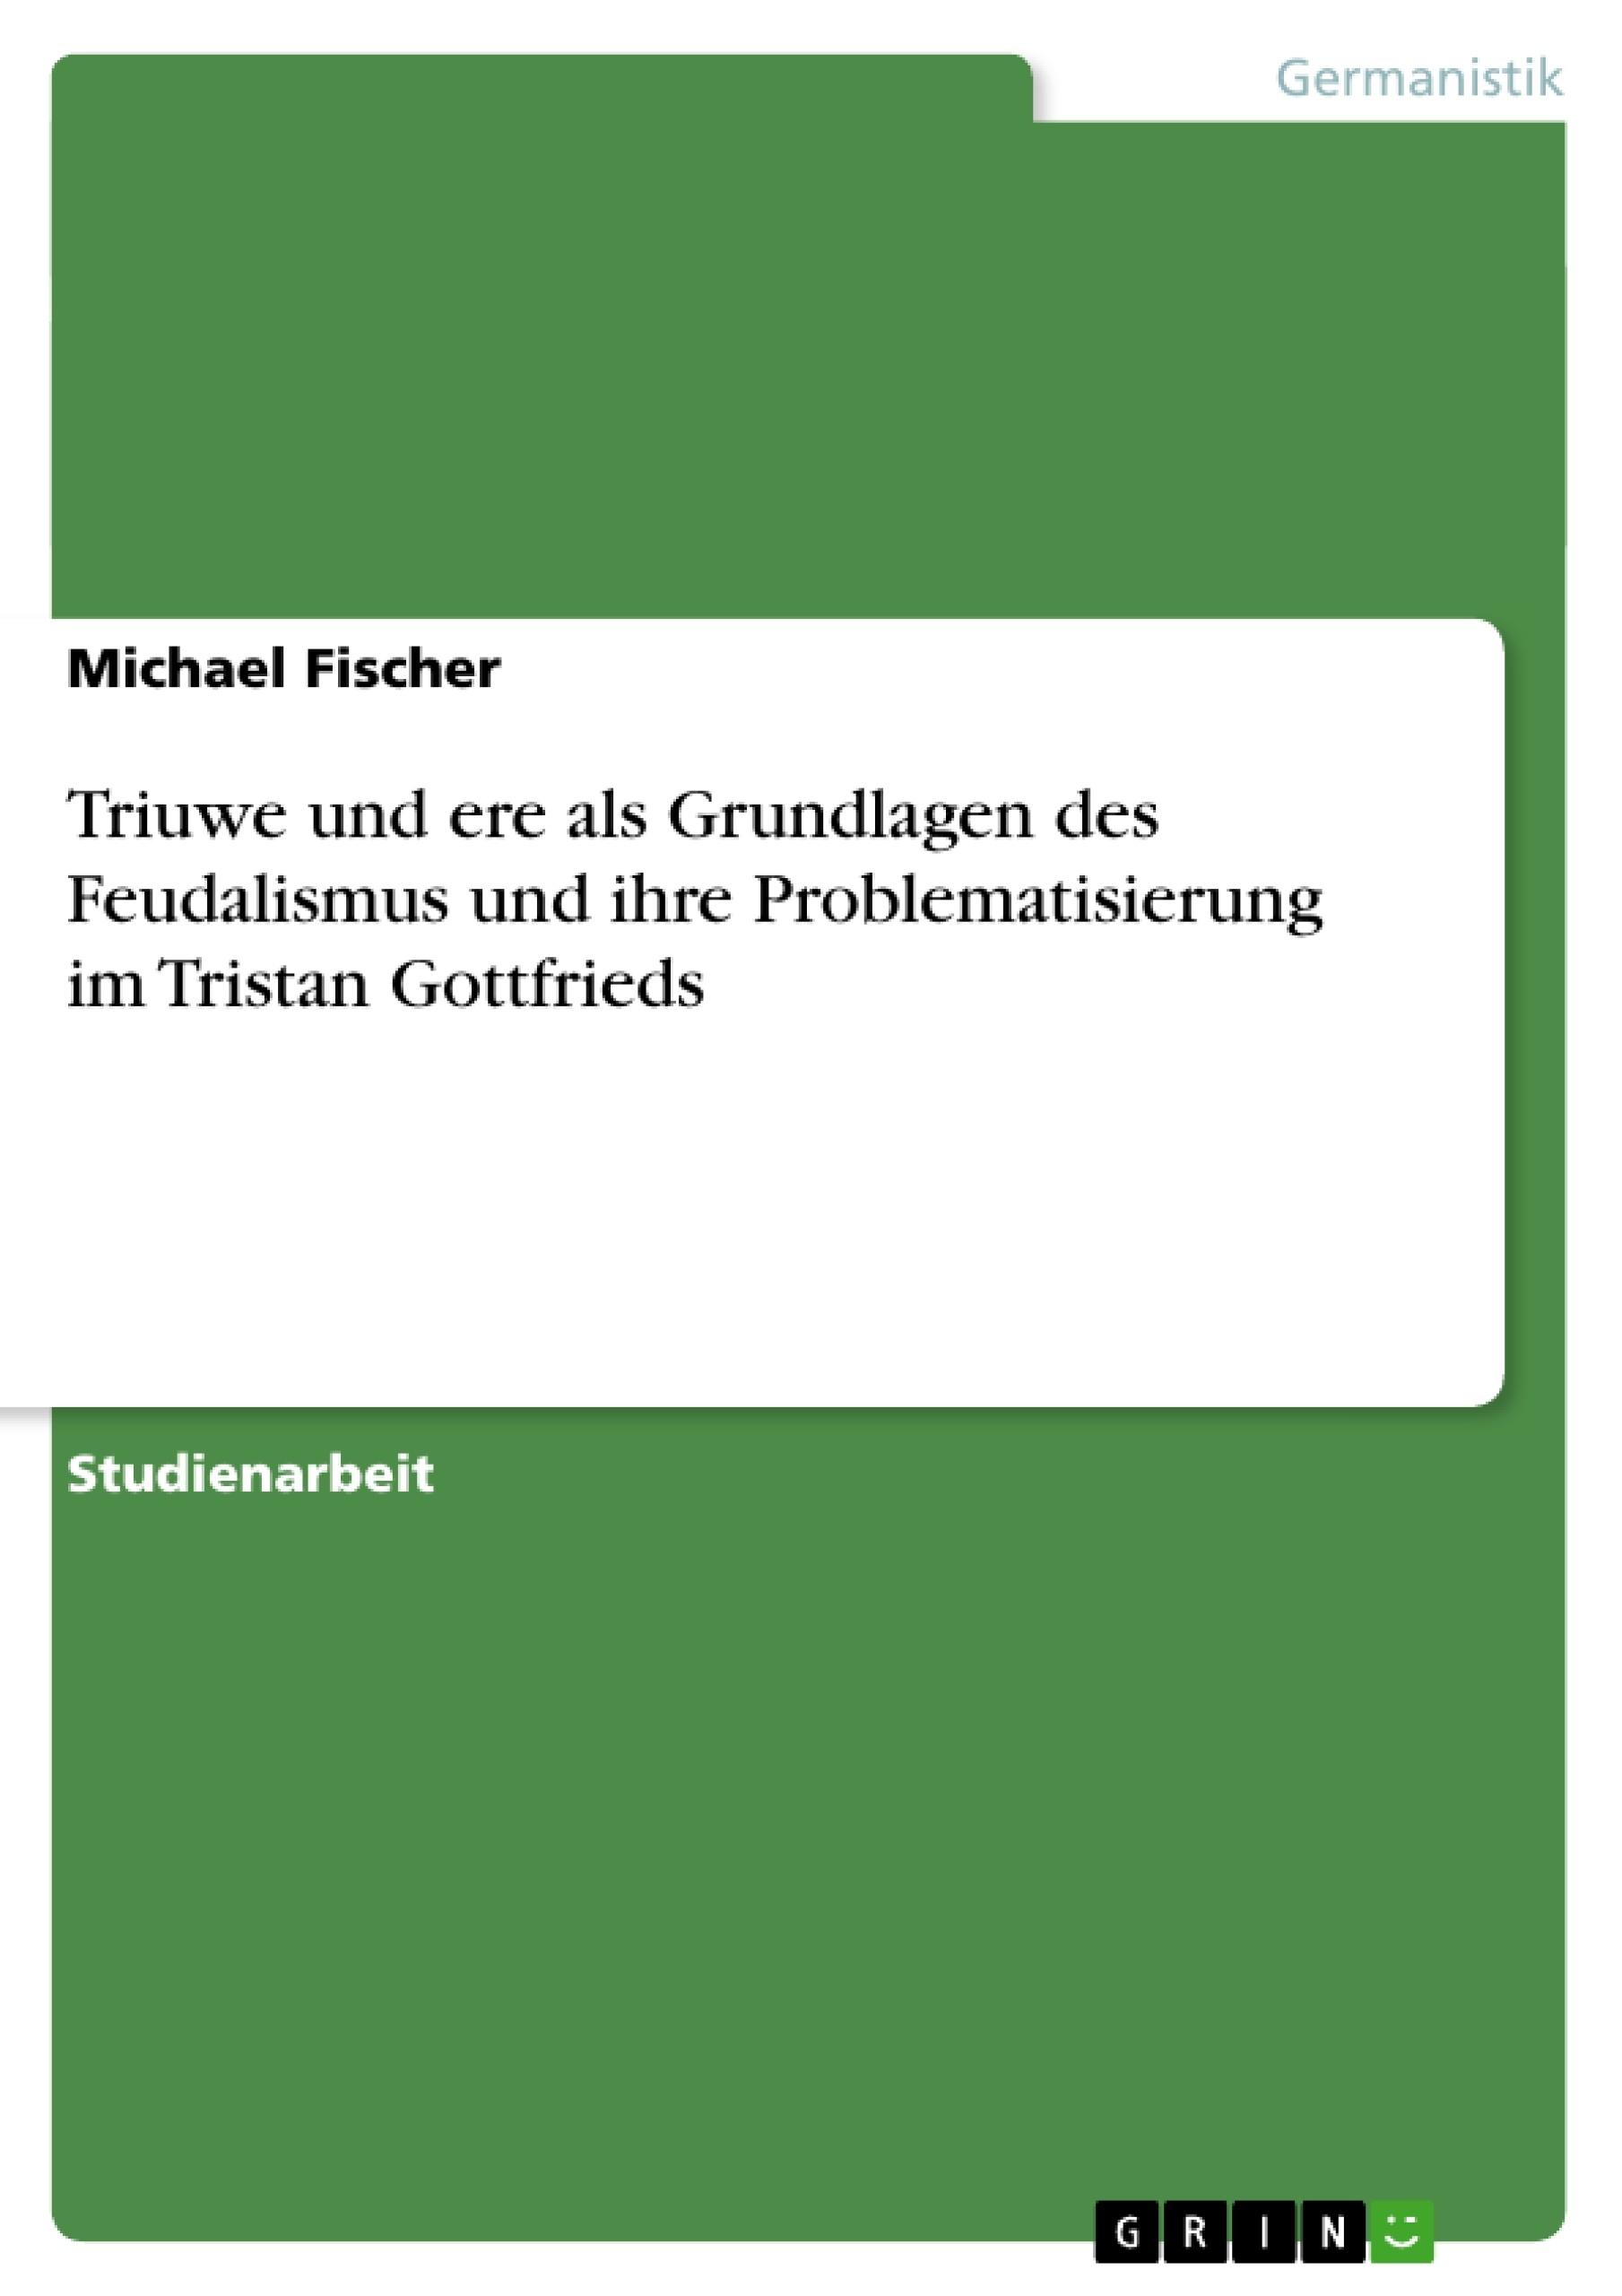 Titel: Triuwe und ere als Grundlagen des Feudalismus und ihre Problematisierung im Tristan Gottfrieds